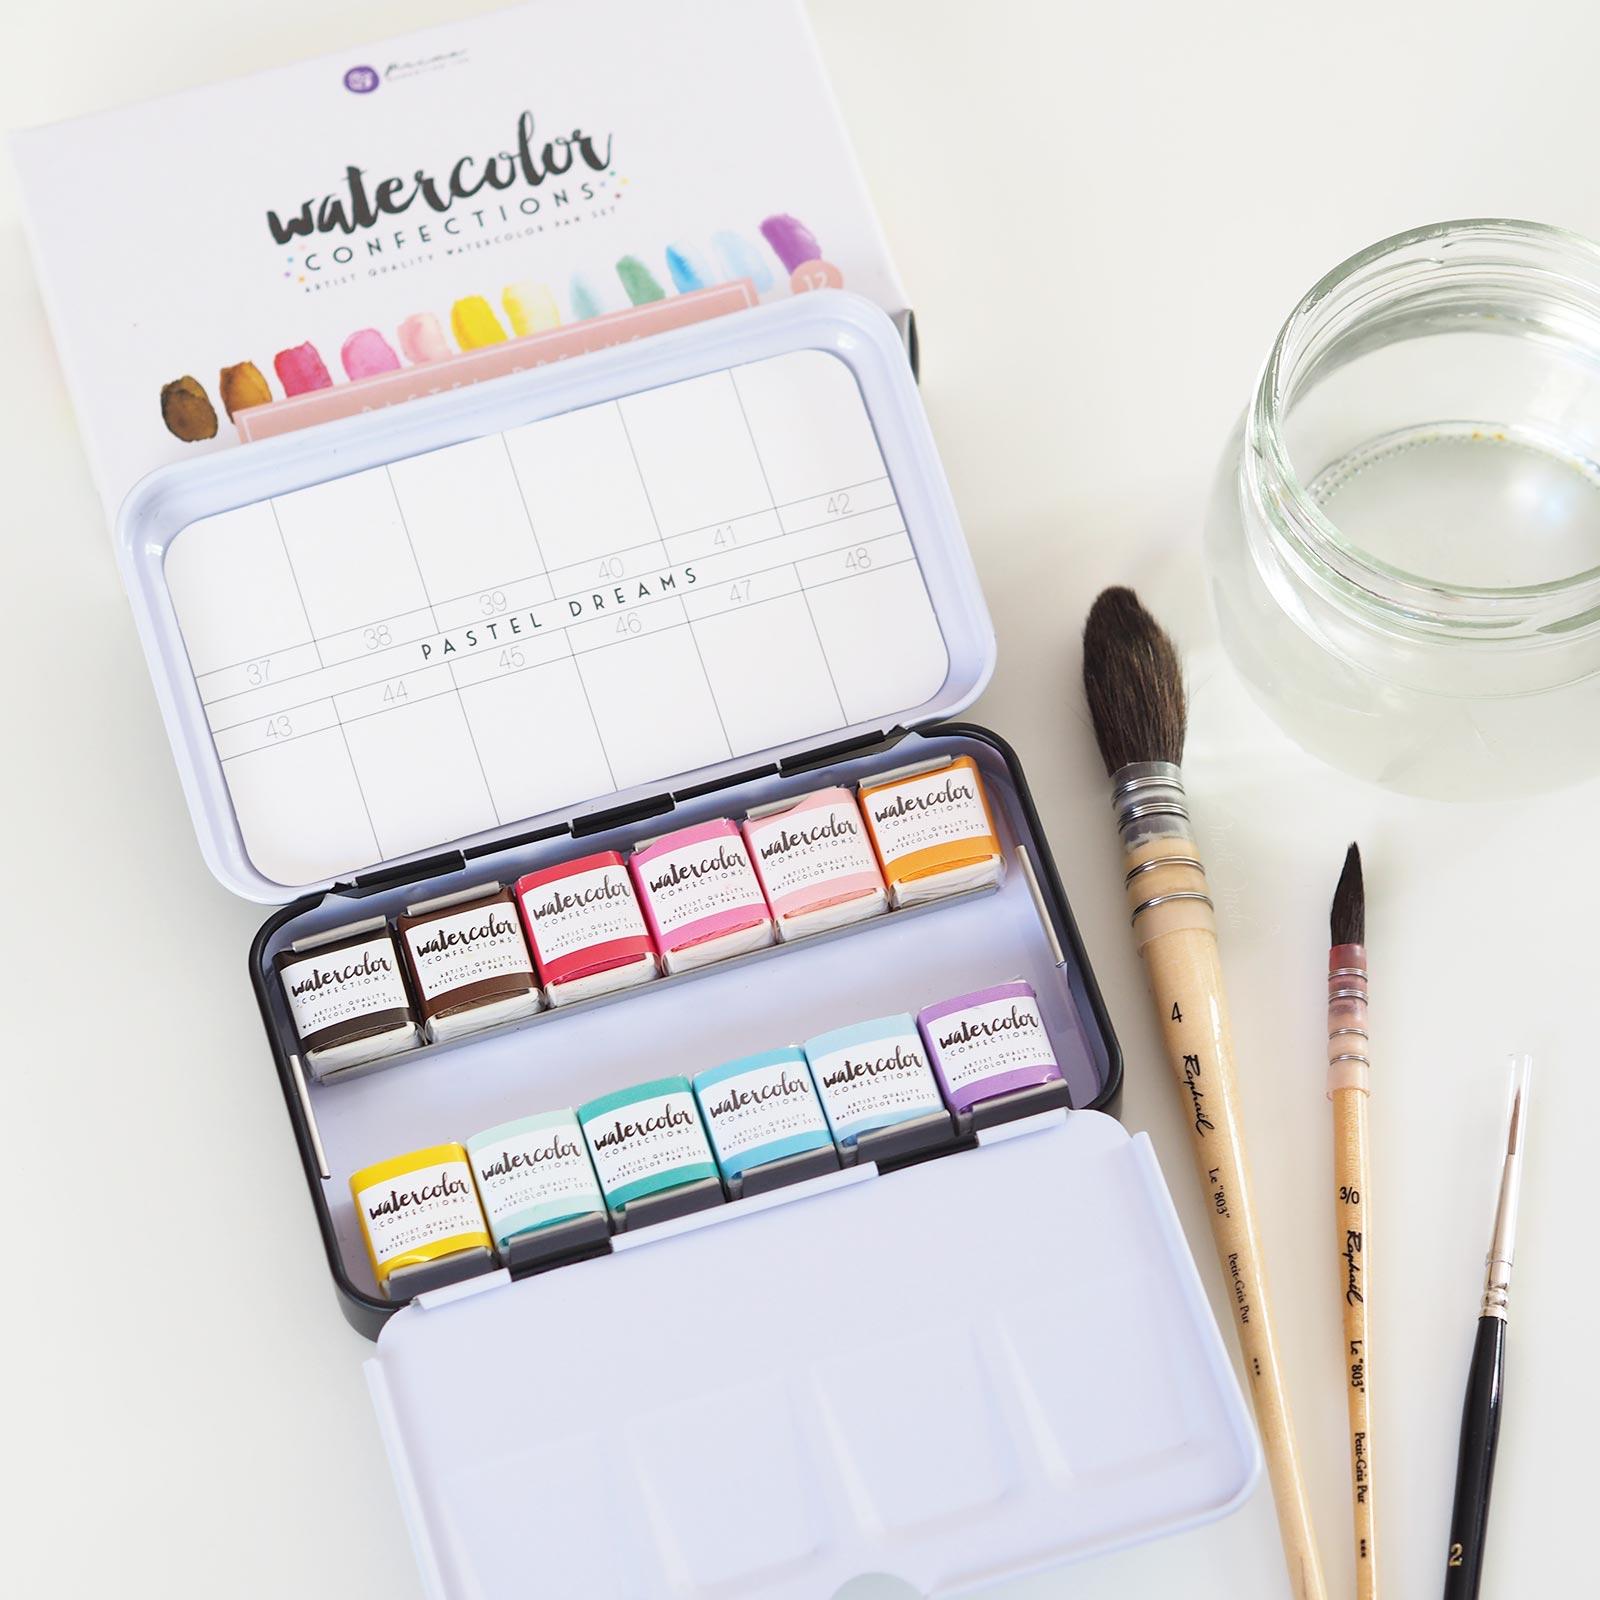 unboxing watercolor pastel dreams confections prima boutique MeliMelo